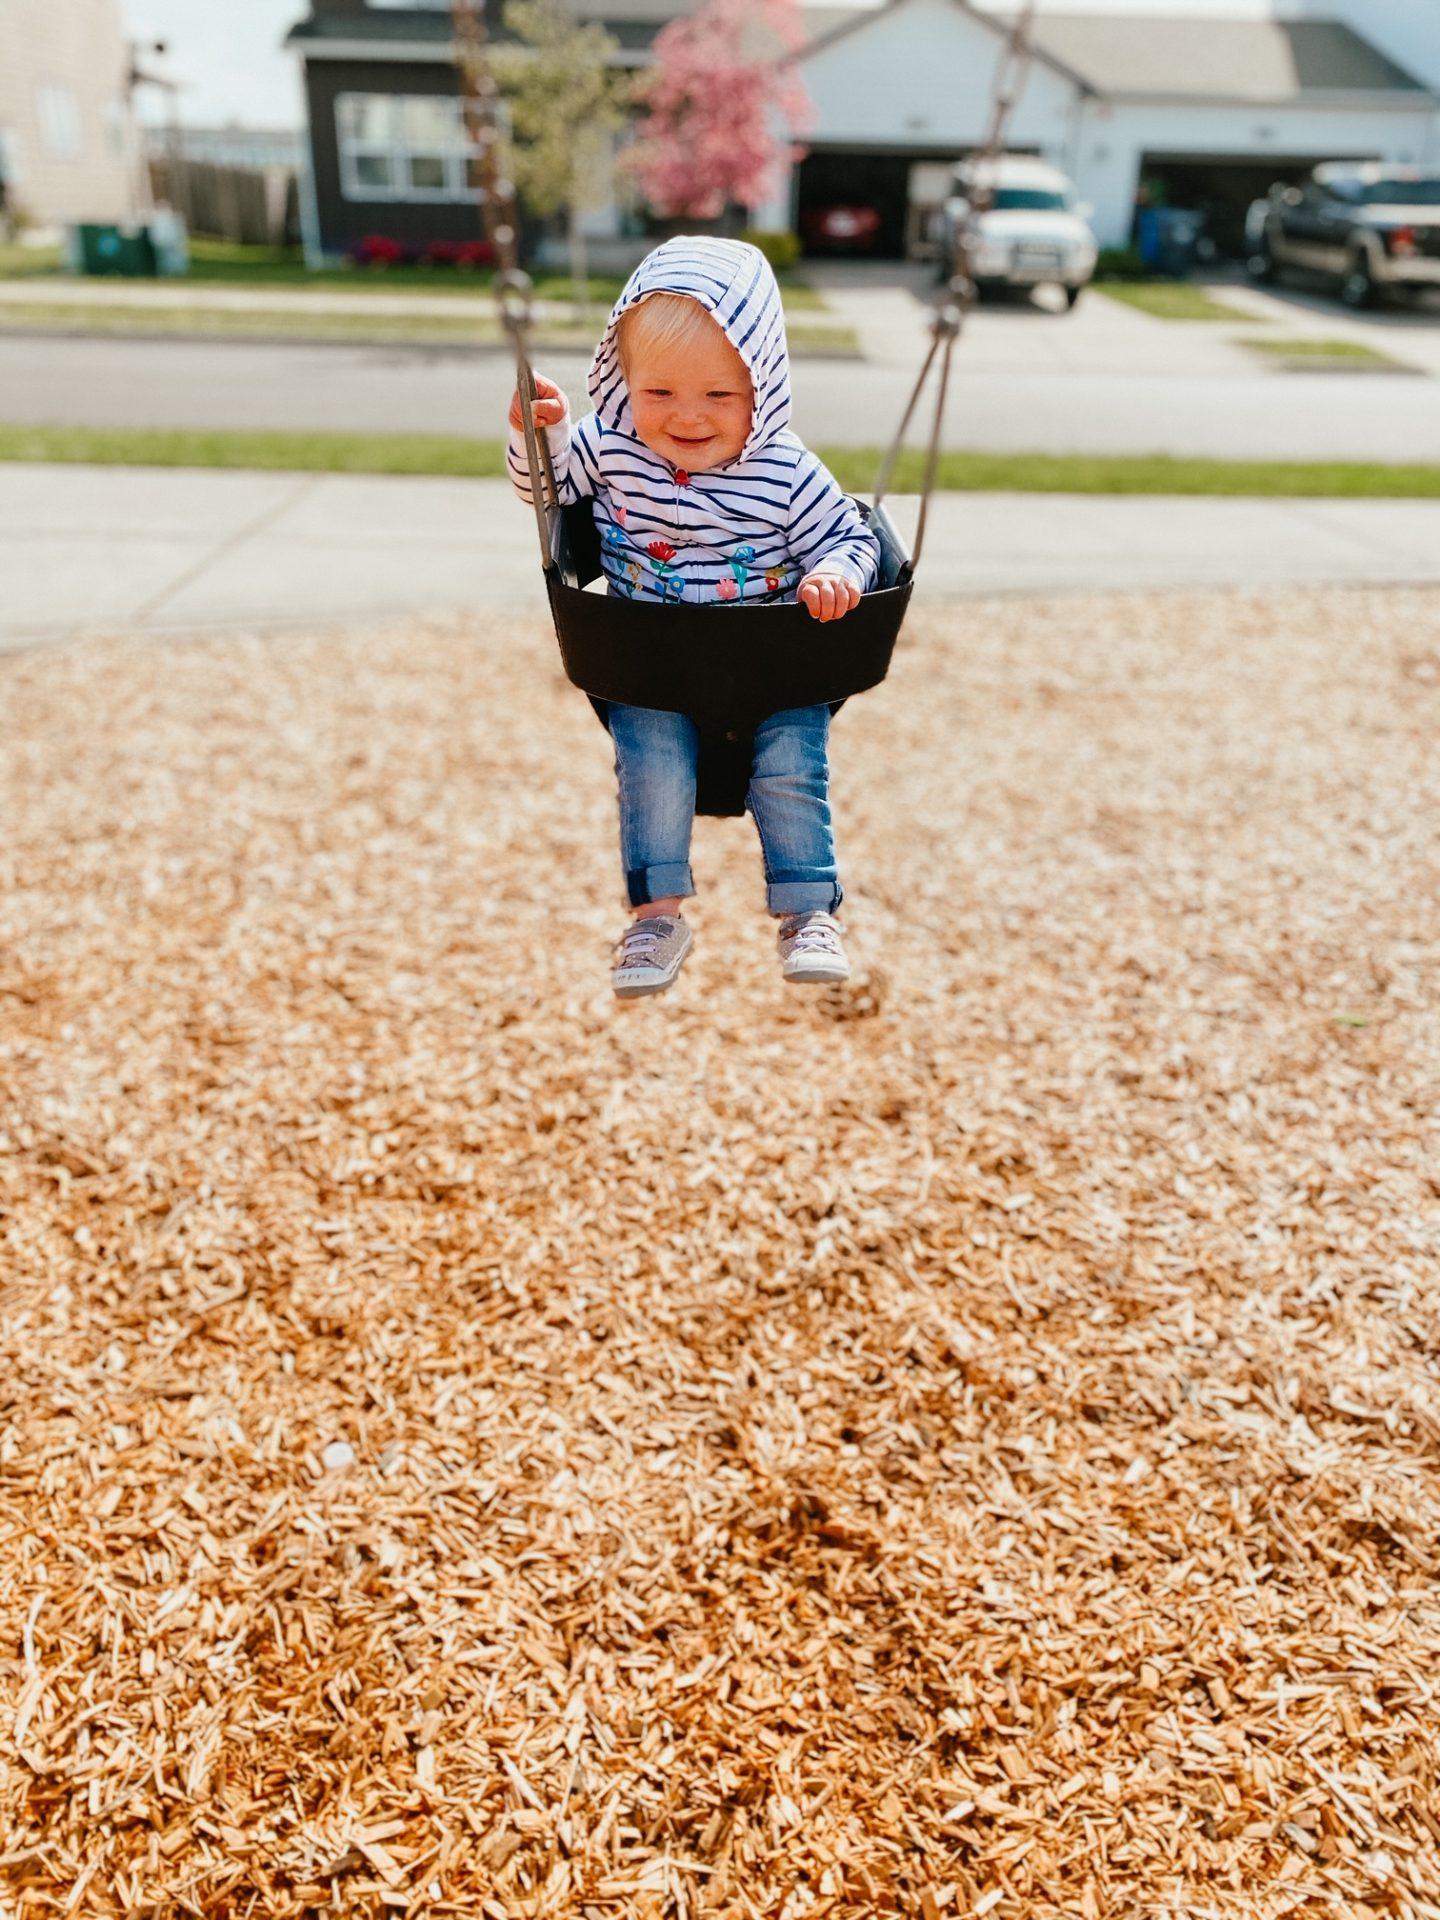 on the swings